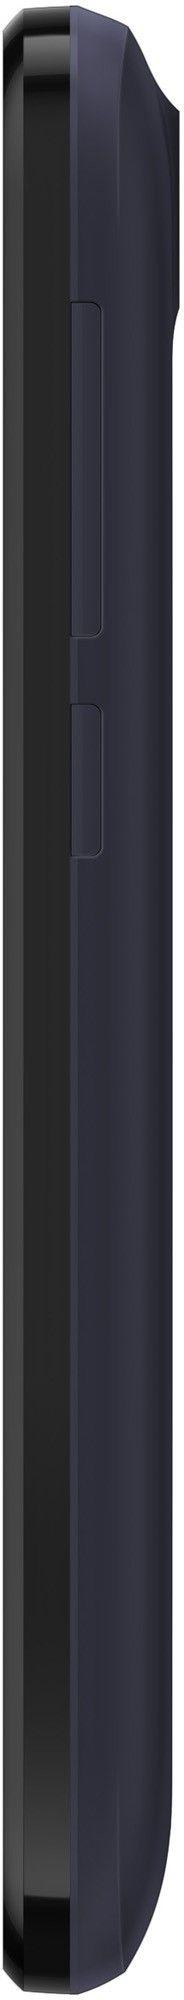 Мобильный телефон HTC Desire 310 Navy - 3